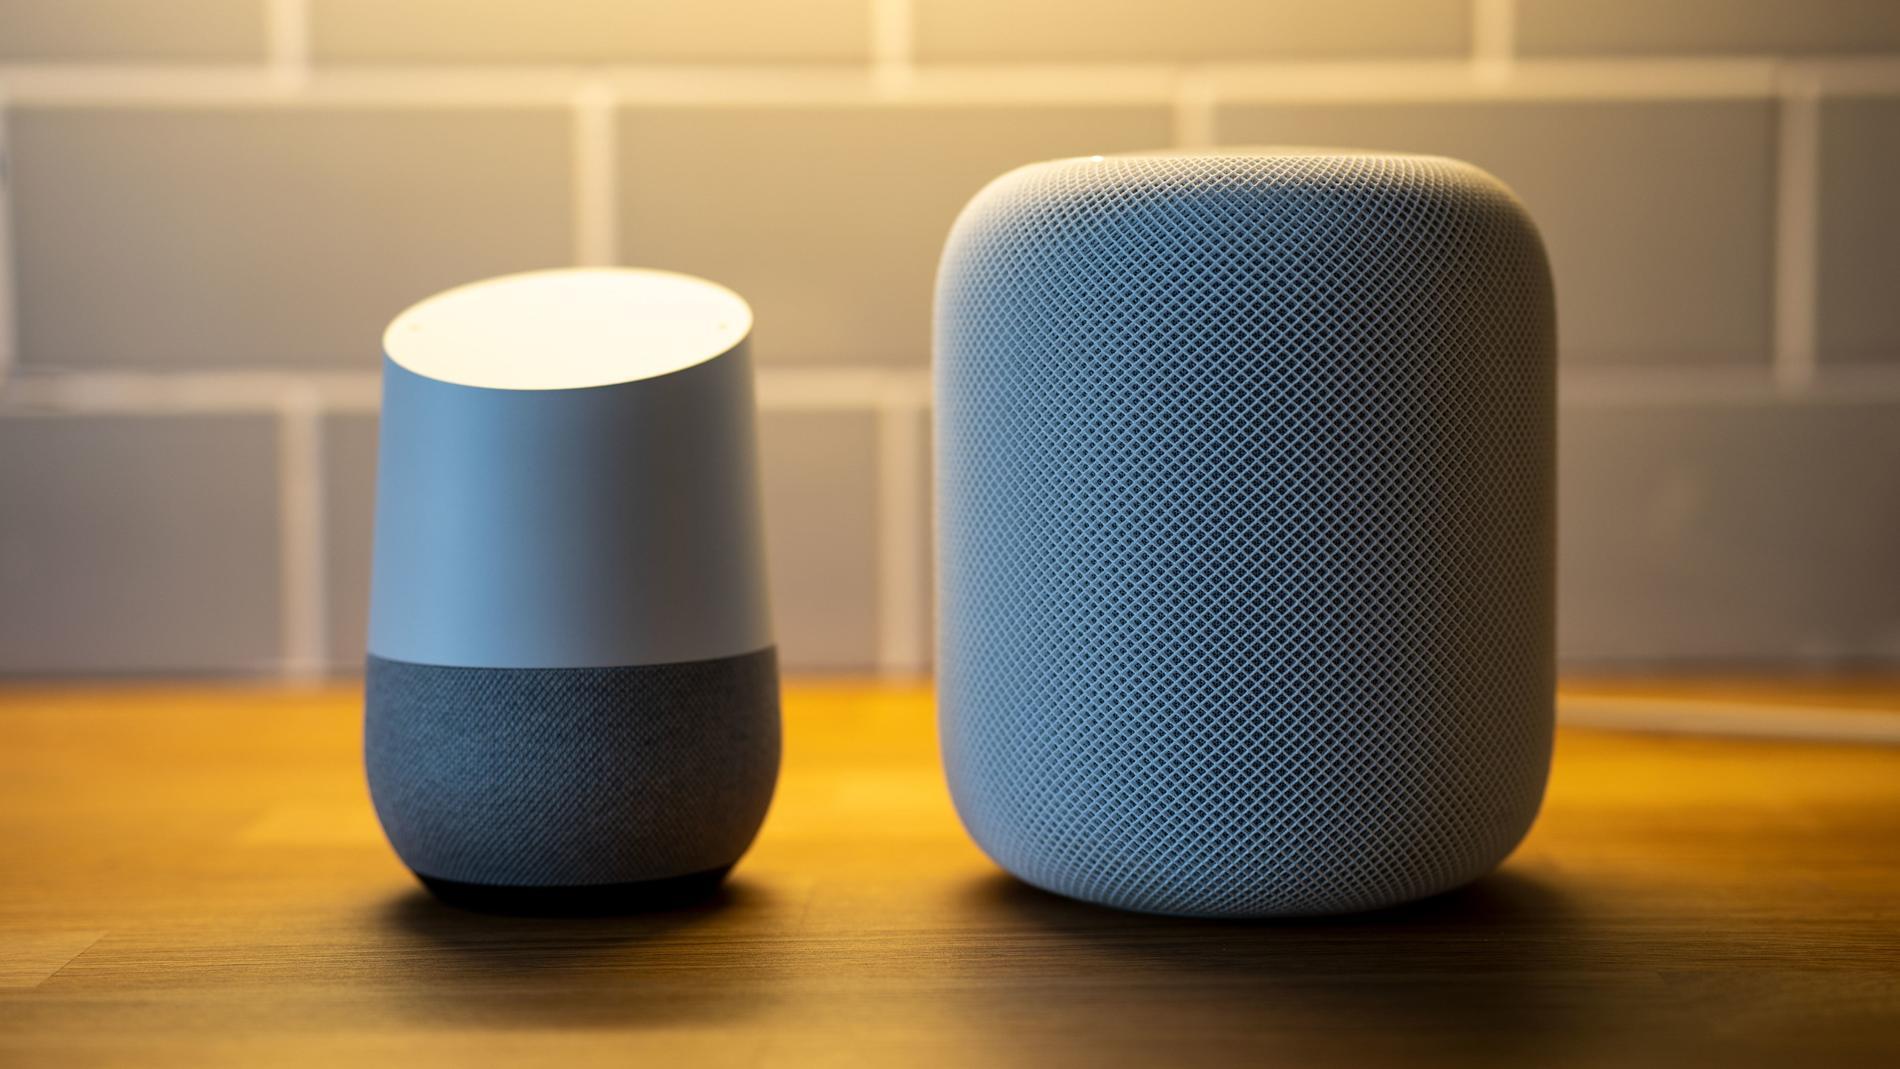 Ljudet hos Apple HomePod överträffar Google Home med hästlängder, men så är den också betydligt dyrare, och förstår inte svenska.